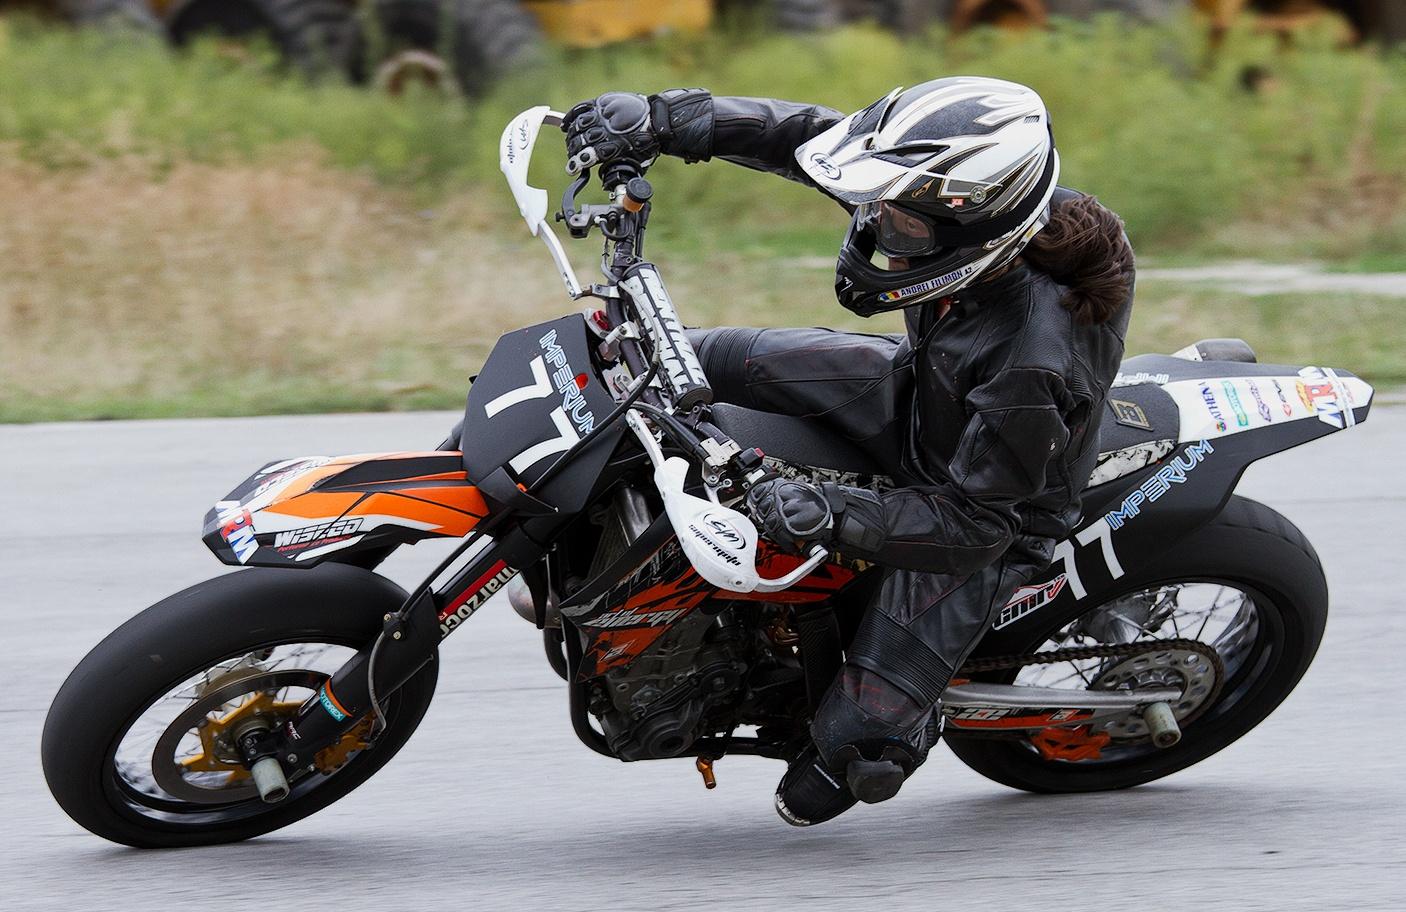 Campionatului Național de SuperMoto ia startul pe circuitul de la Arad